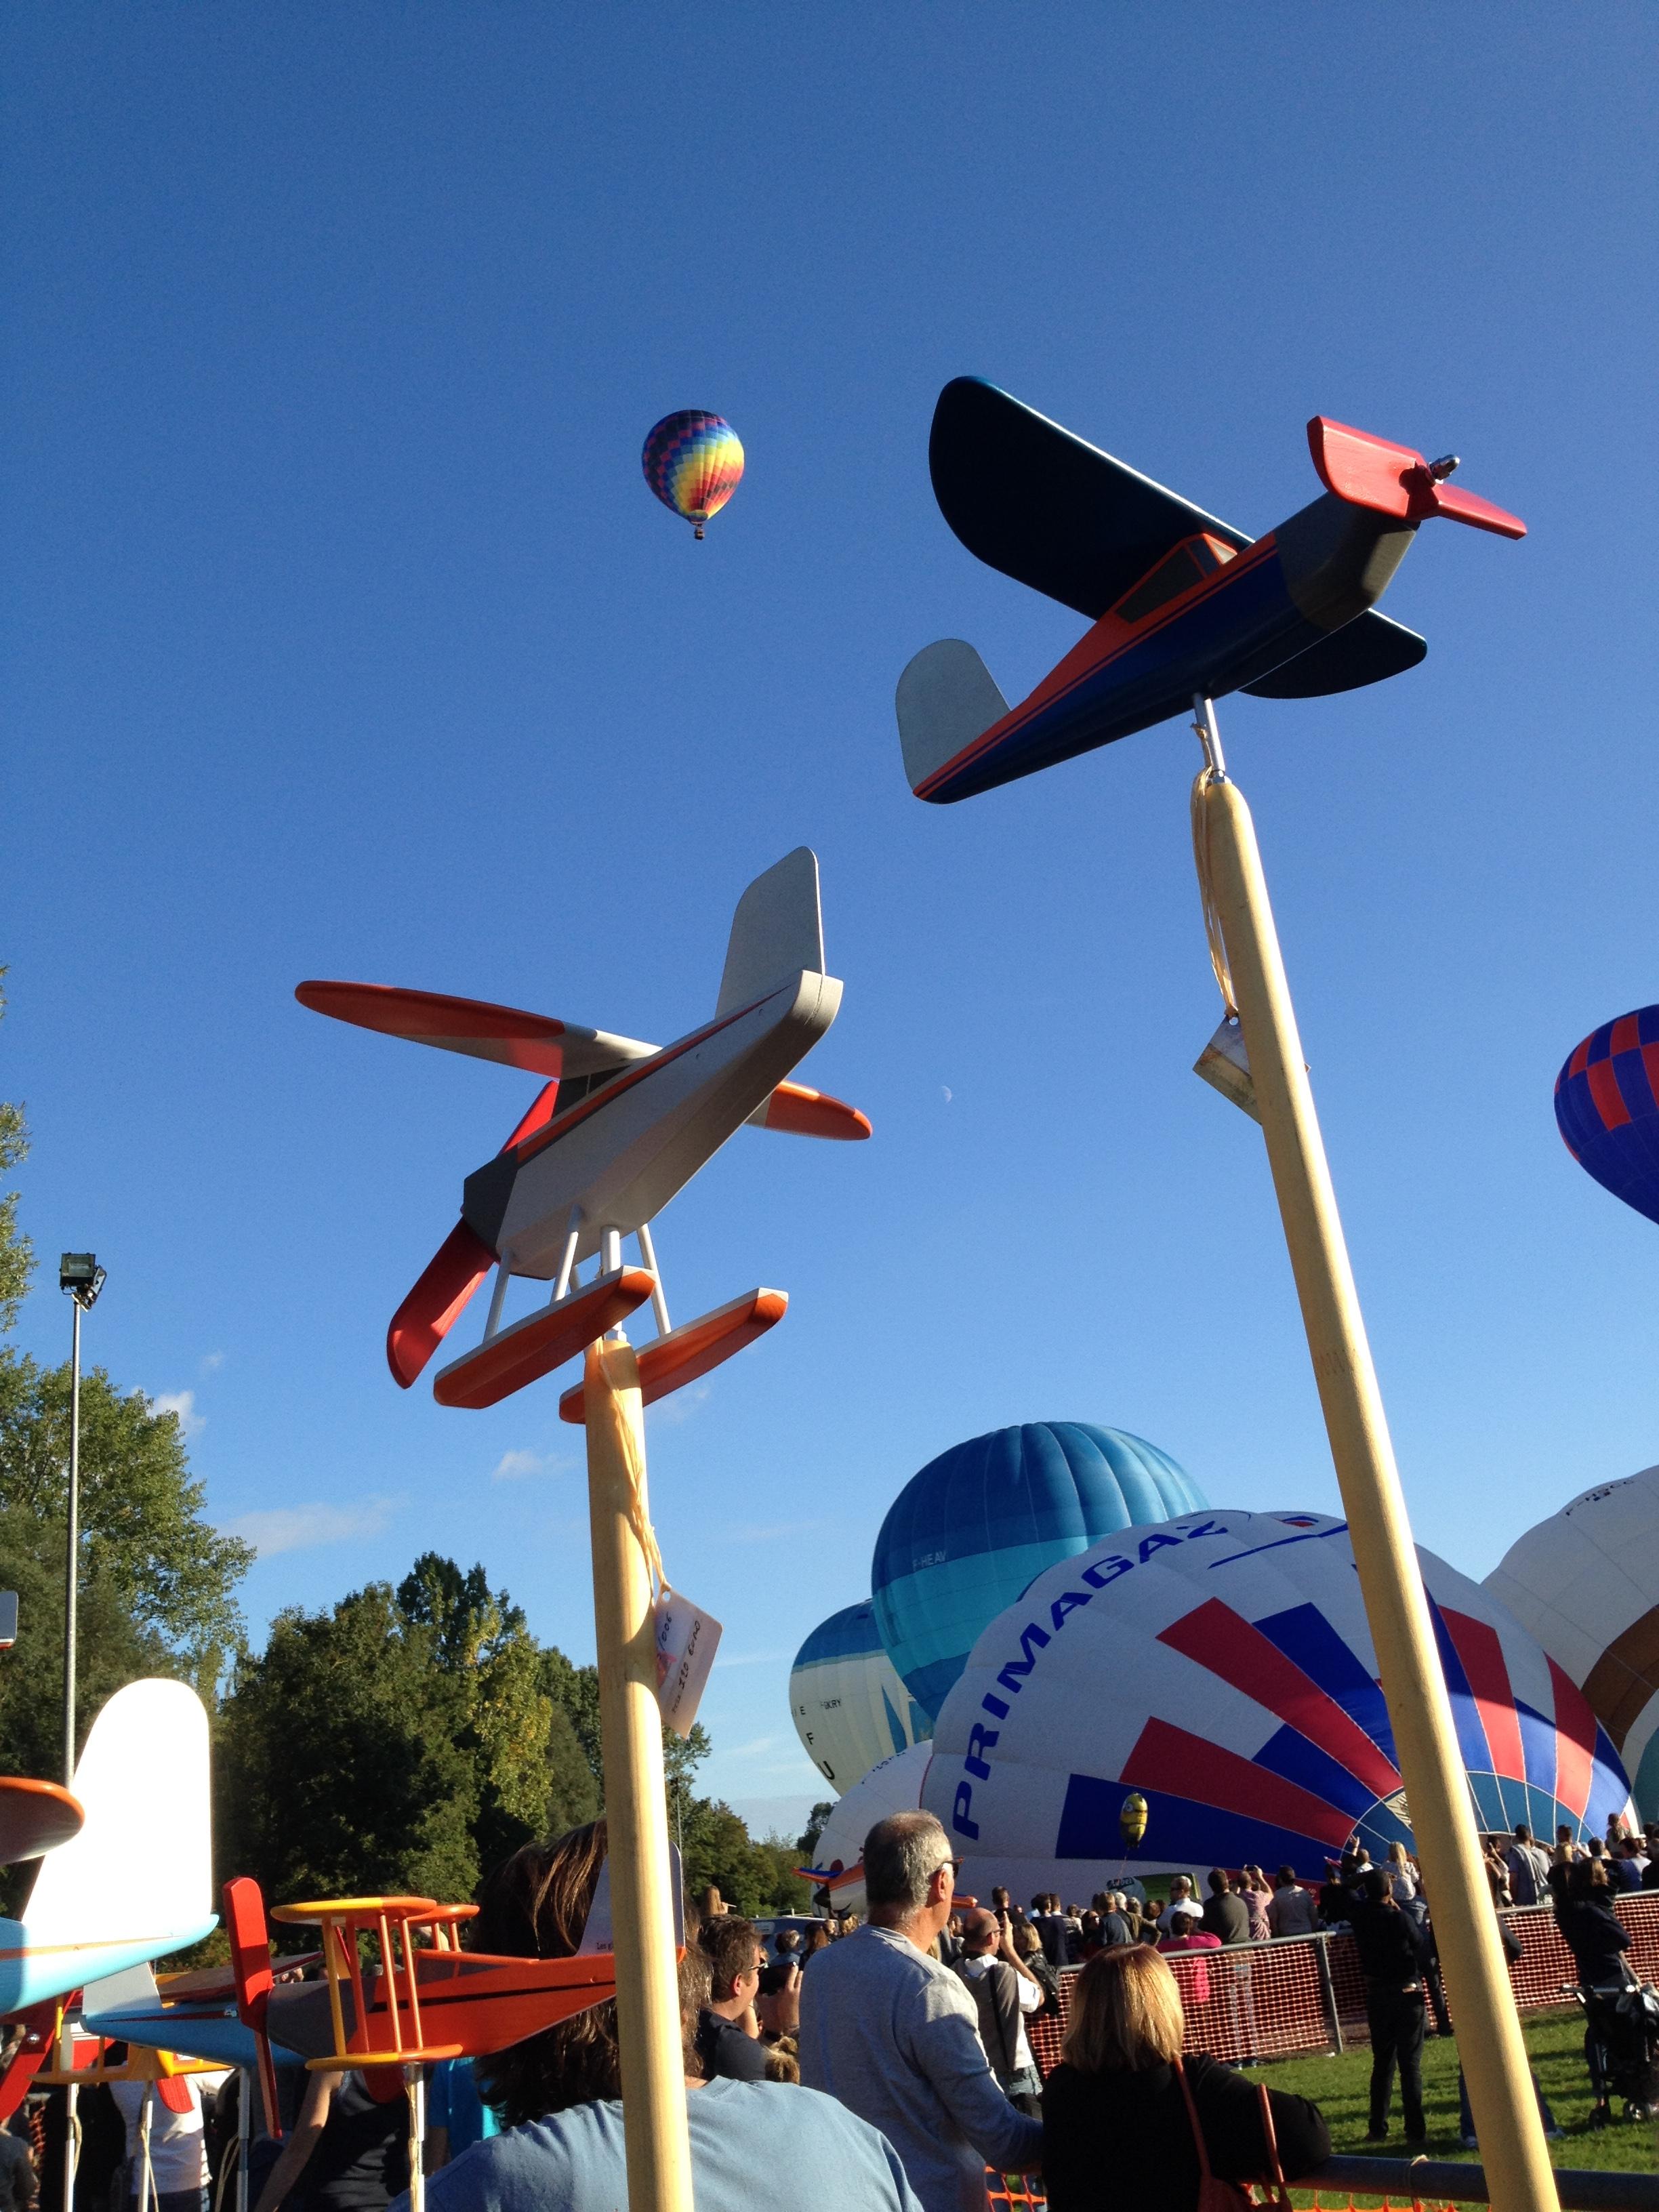 Les montgolfiades - WARMERIVILLE (51)